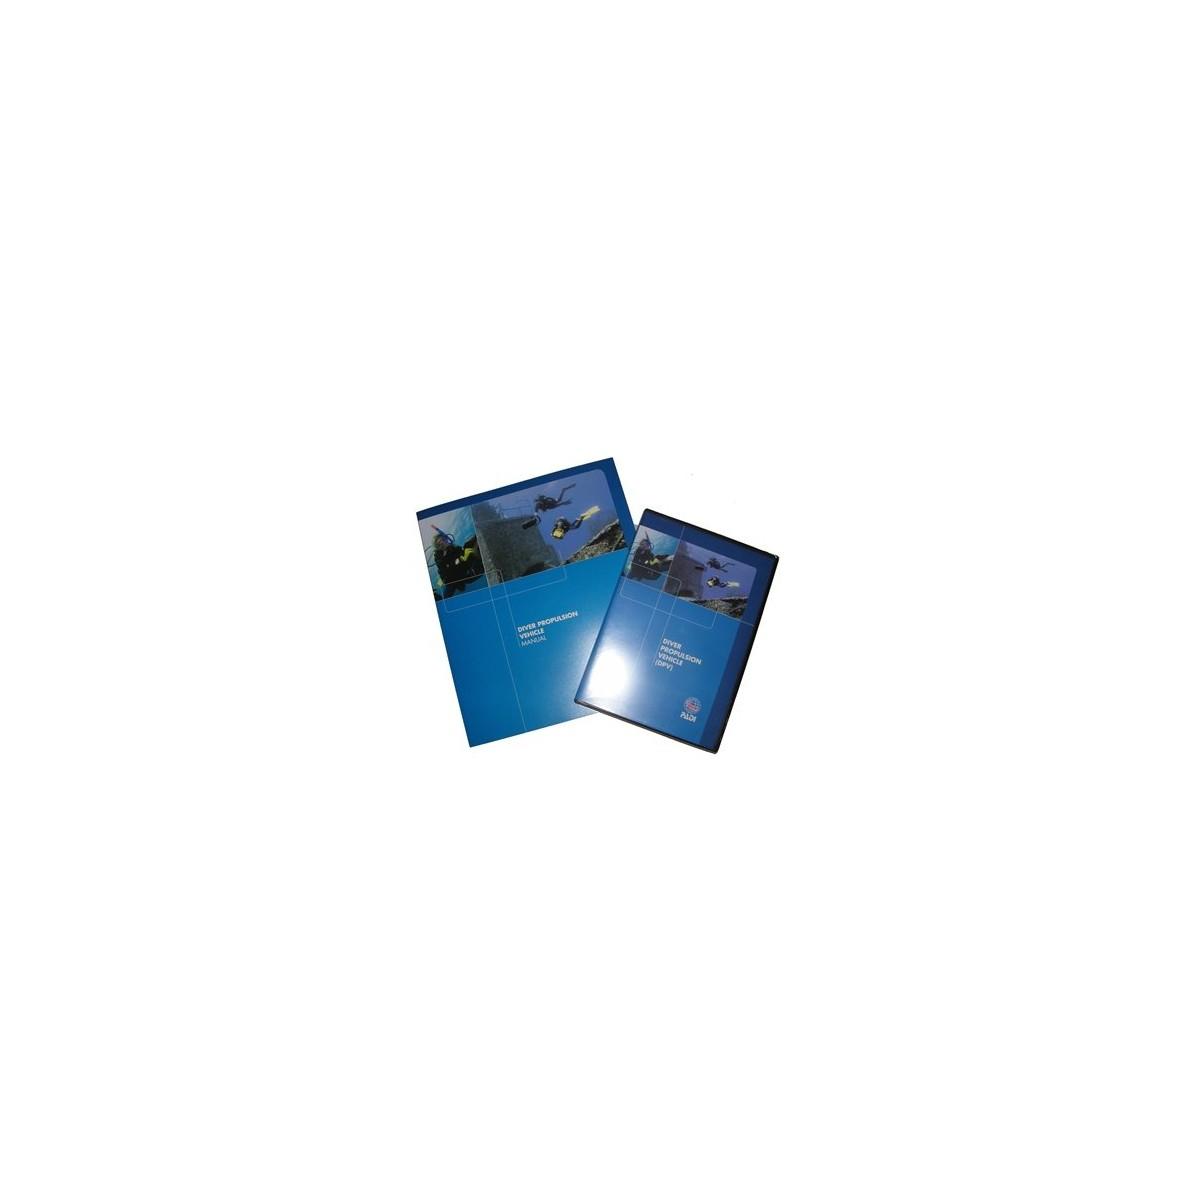 PADI Diver Propulsion Vehicle (DPV) Crew-Pak Training Materials For Scuba